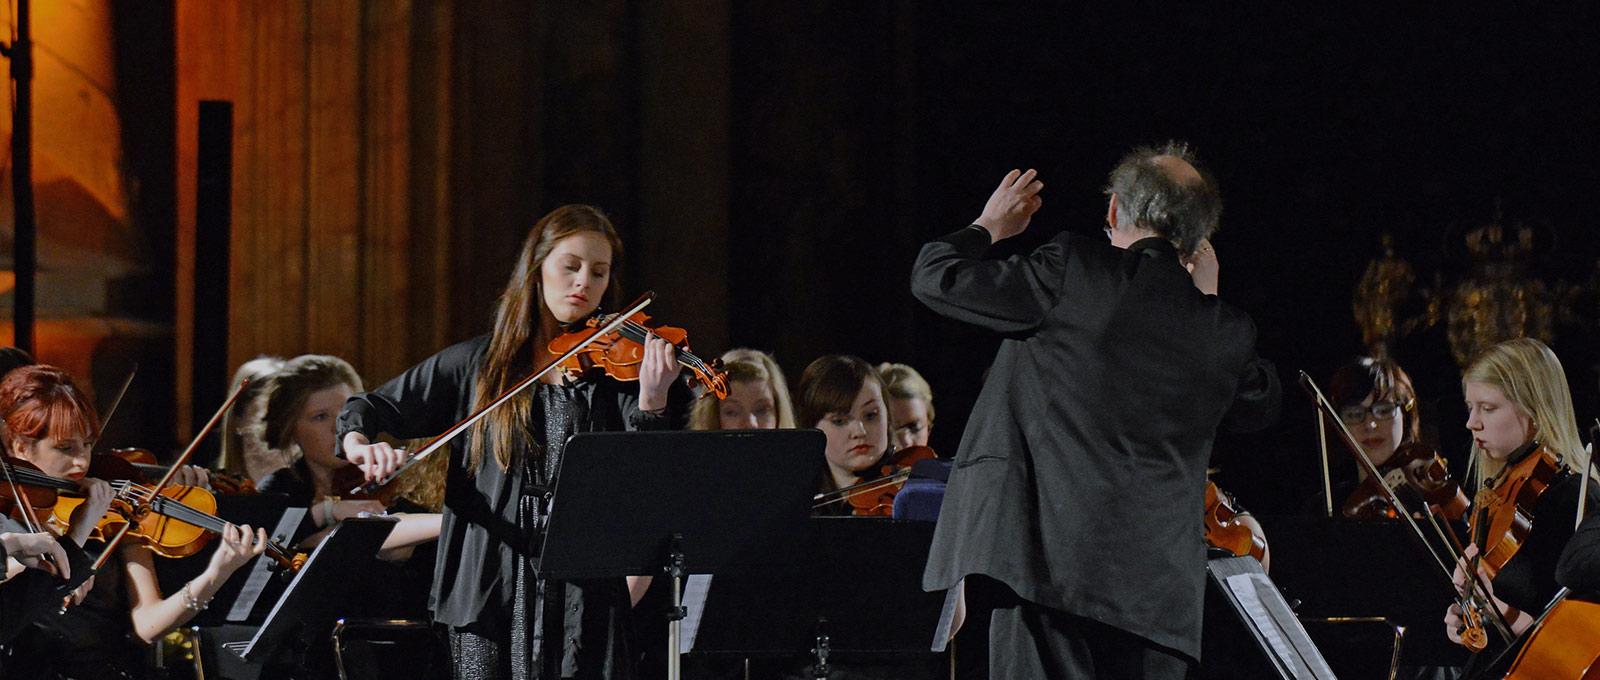 Musikkonservatoriet Falun - Ansök till någon av våra musikutbildningar